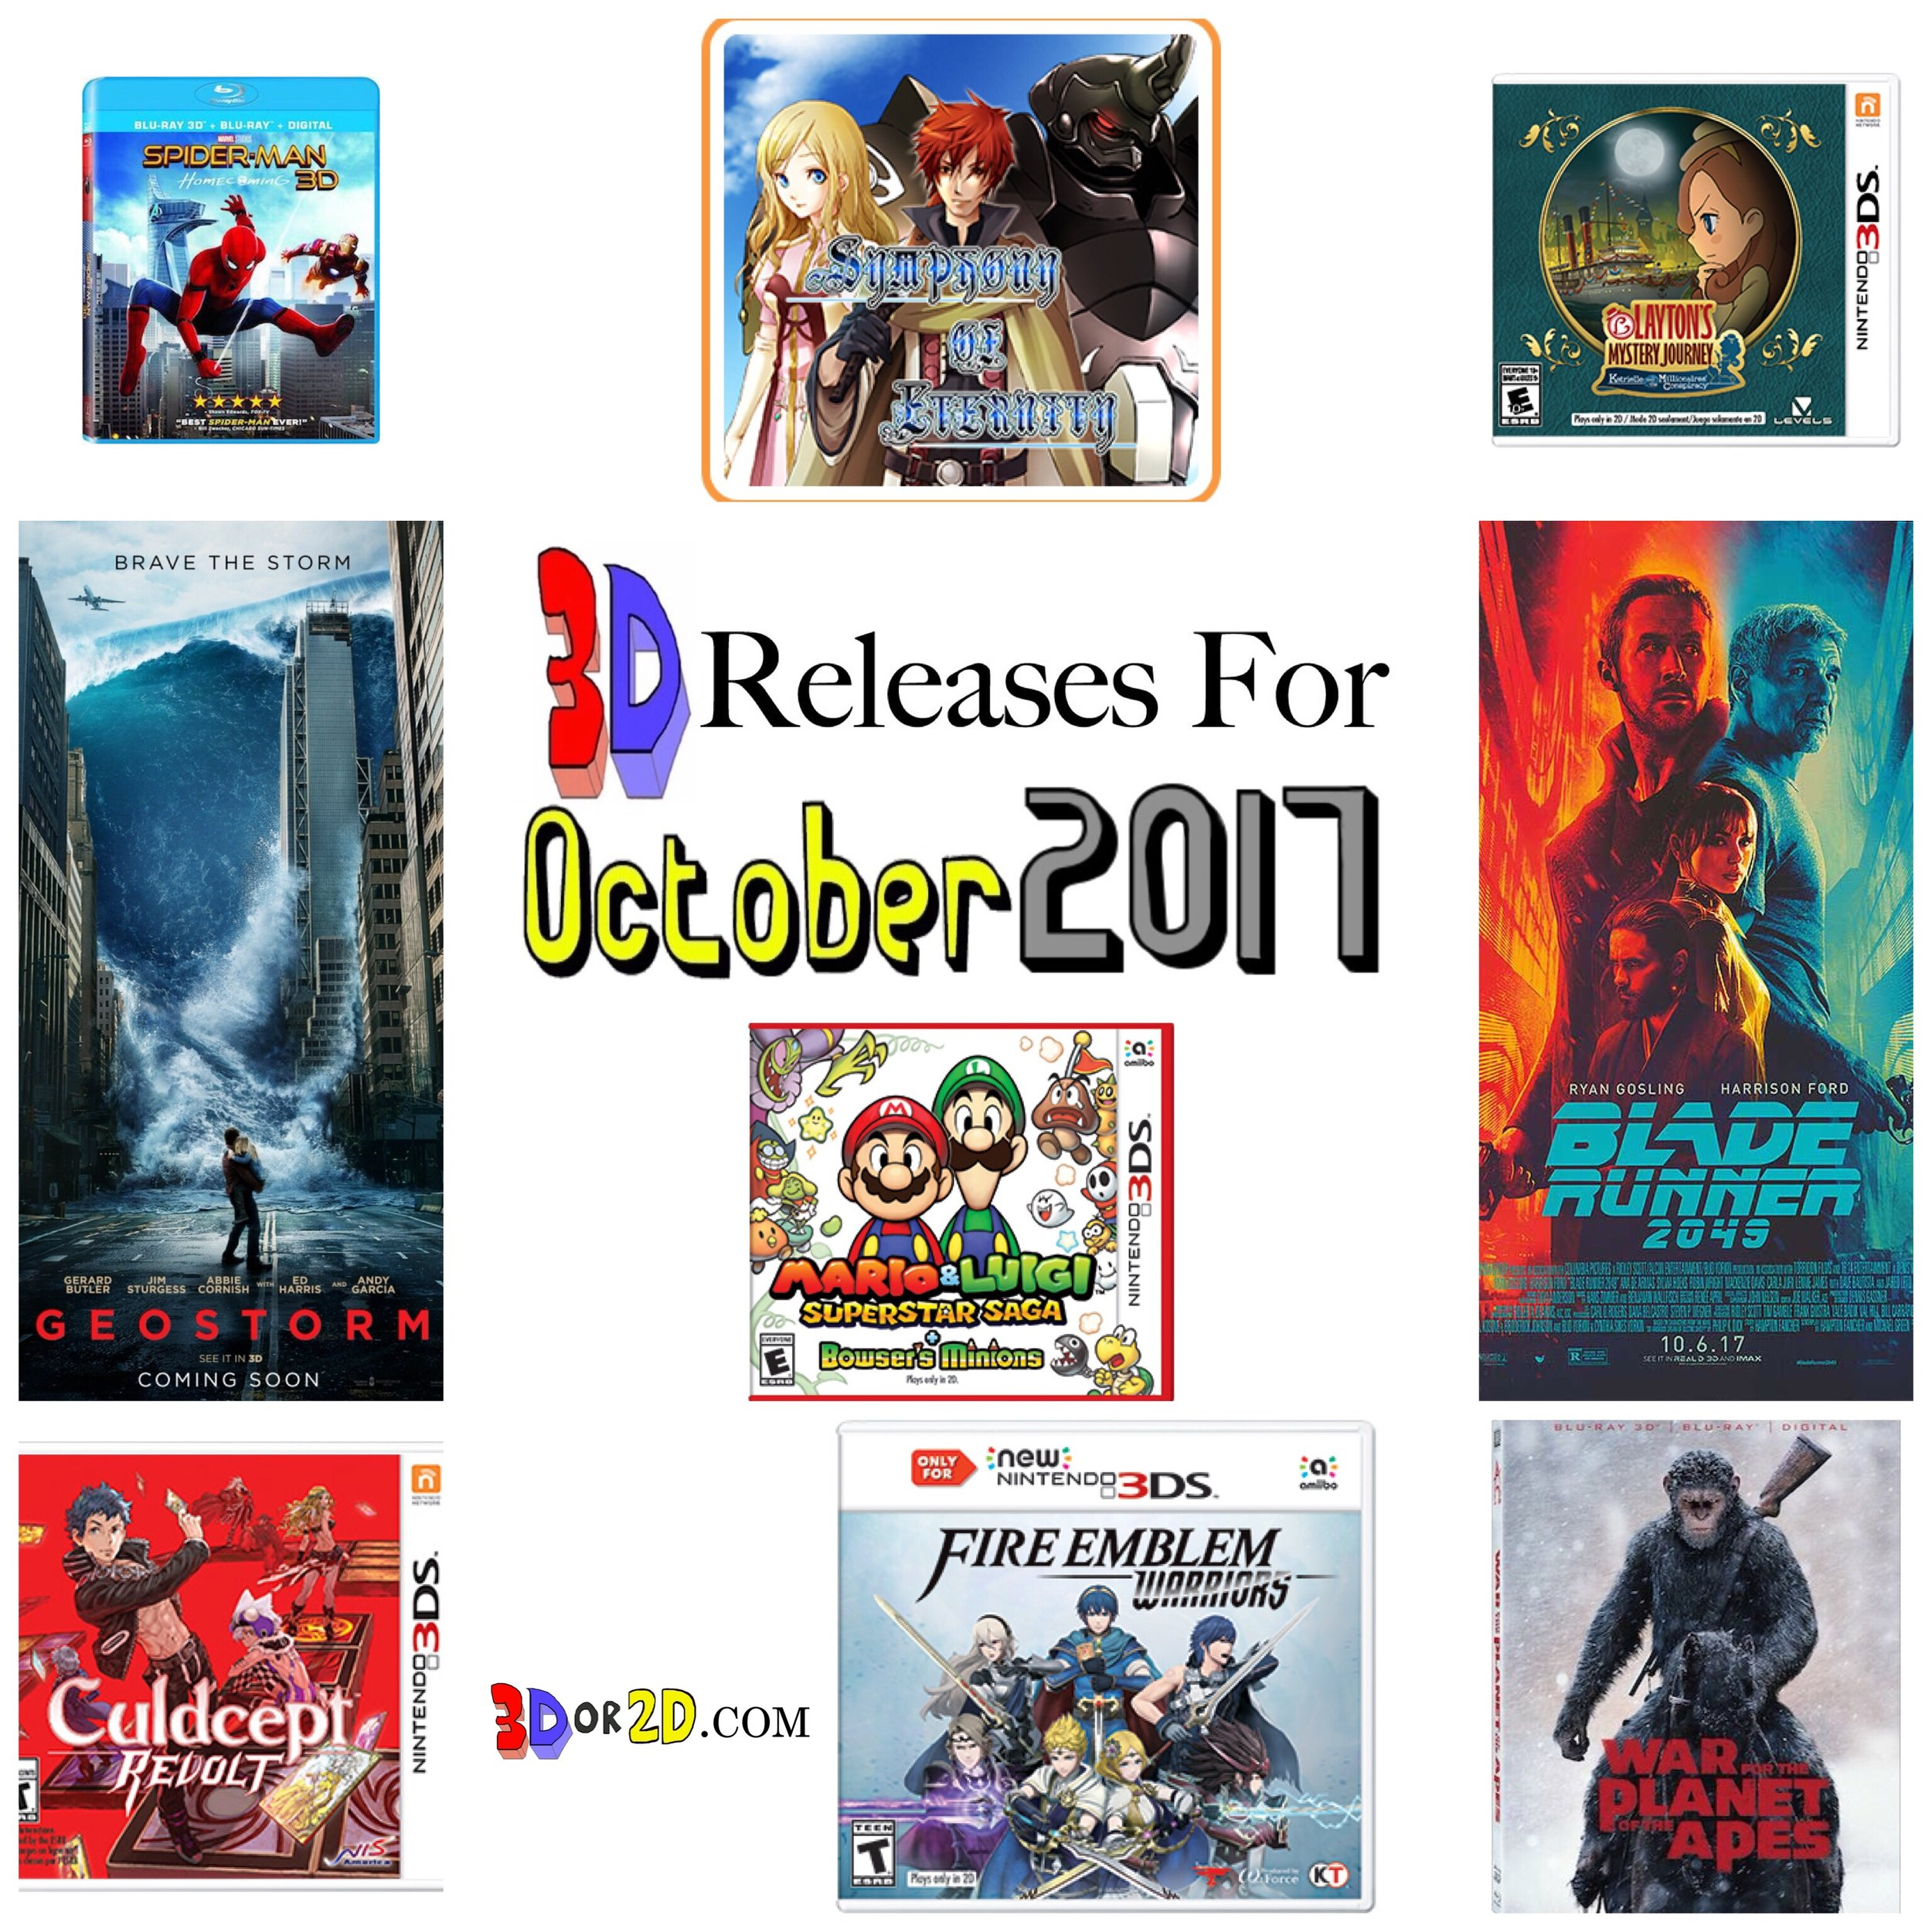 October-3d-releases.jpg